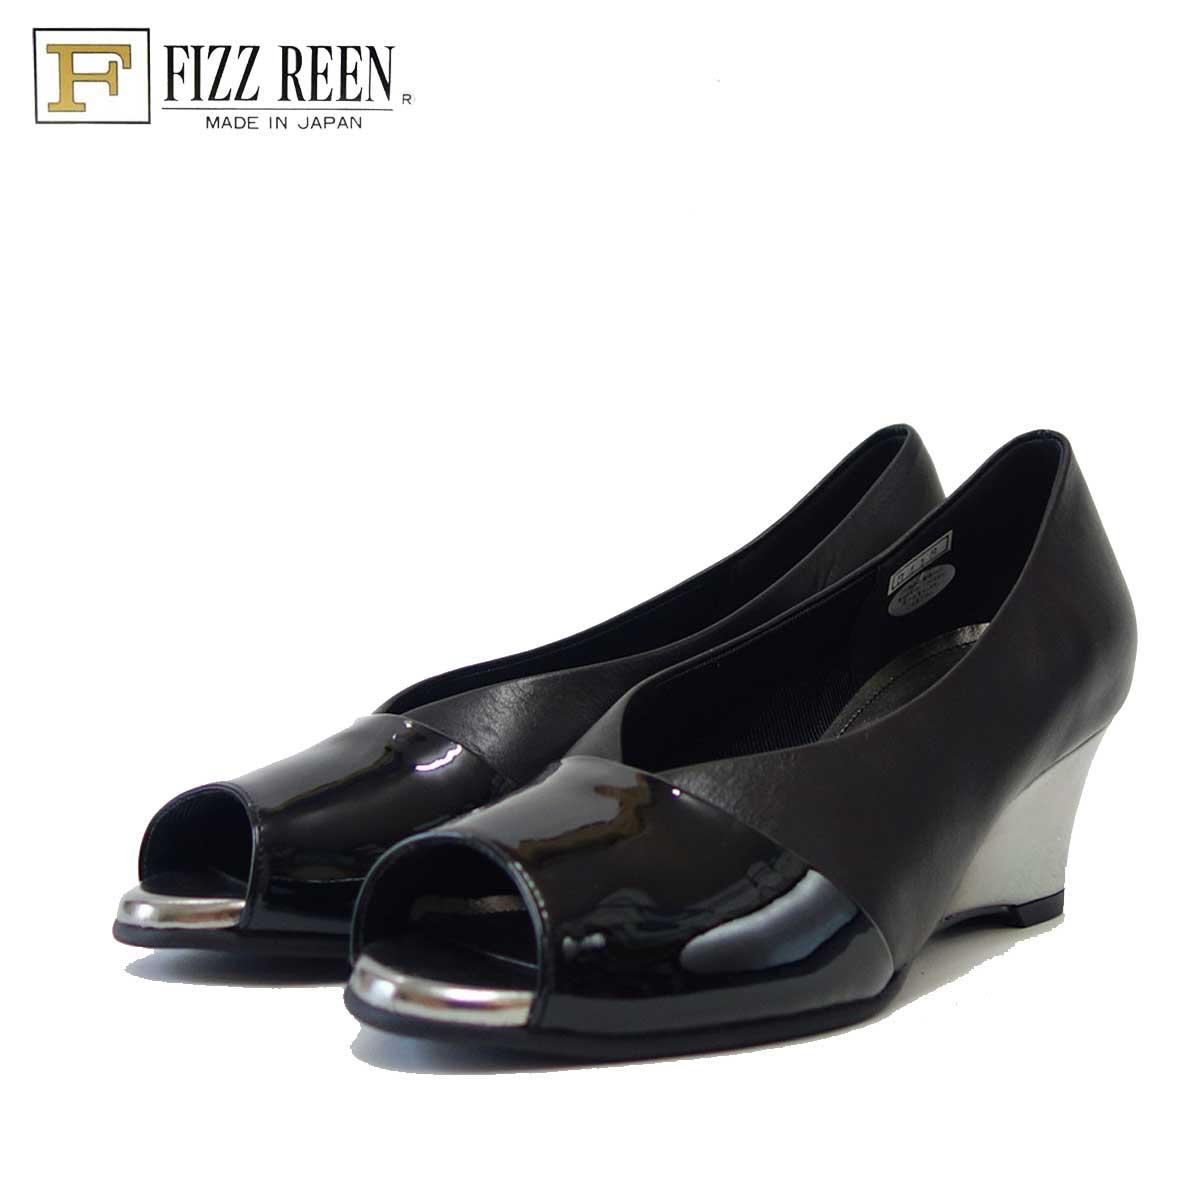 フィズリーン FIZZ REEN 3418 ブラック(レディース) 快適EEEのオープントゥウェッジパンプス(日本製)「靴」 母の日 おすすめ ギフト